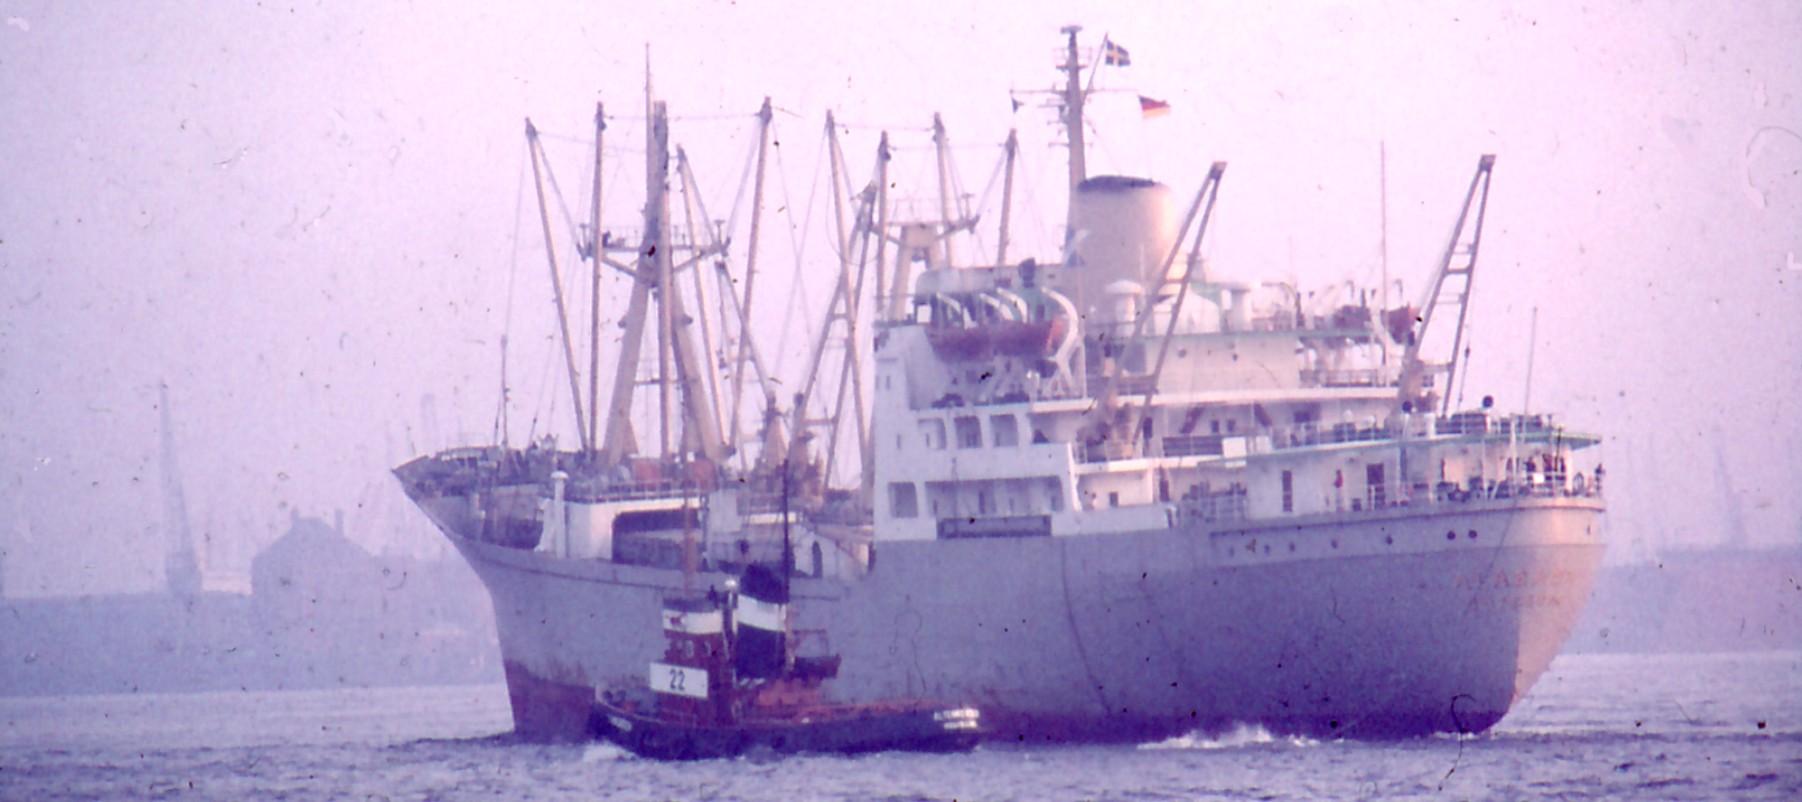 schiffaufelbe1970ereinkommend.jpg